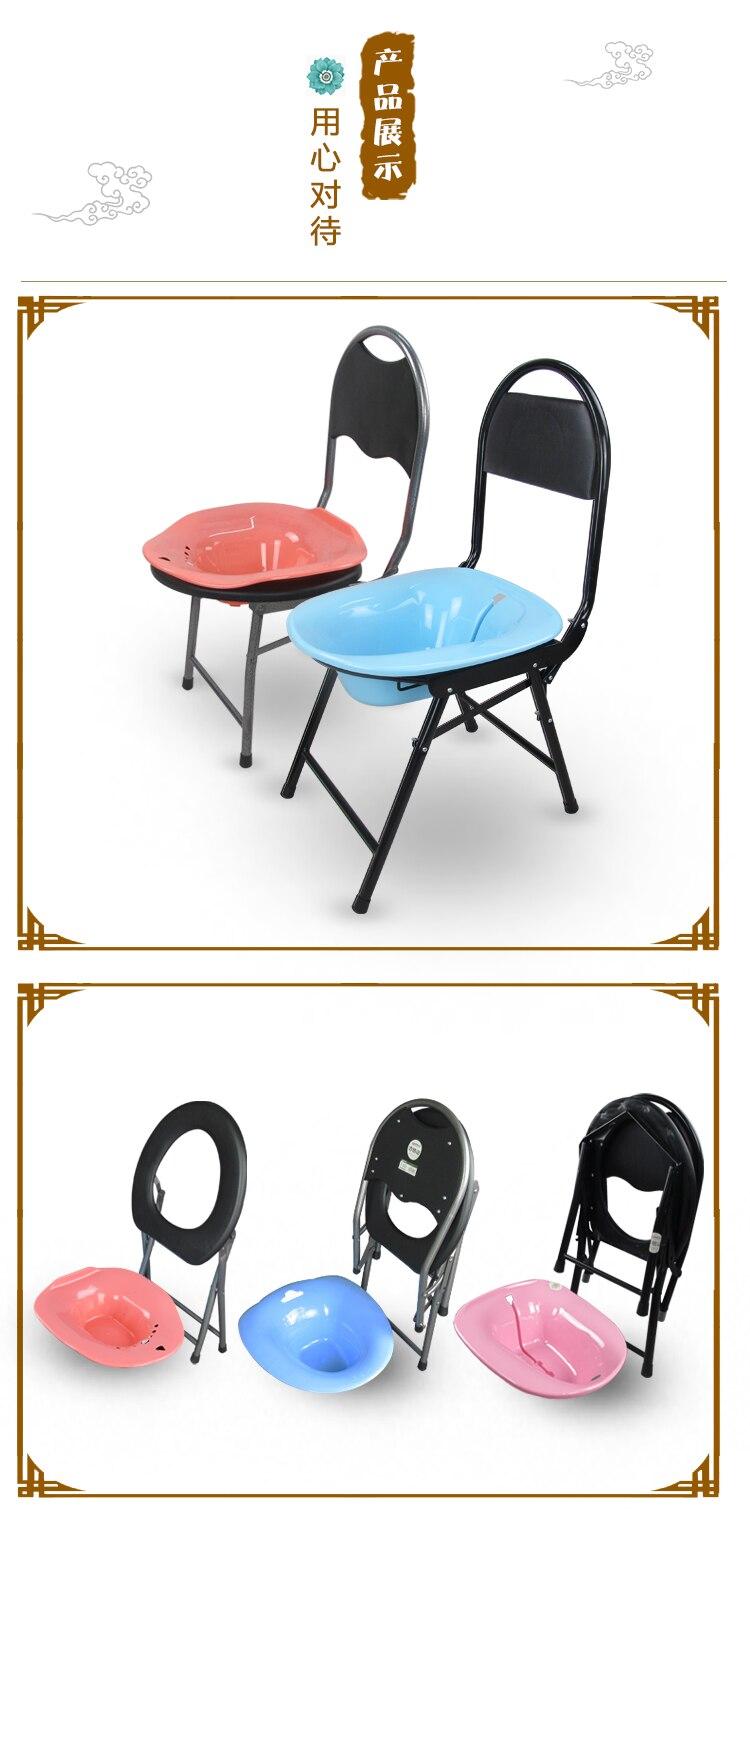 Sitz wanna krzesło siedzenia stanowiska do fumigacji wanna